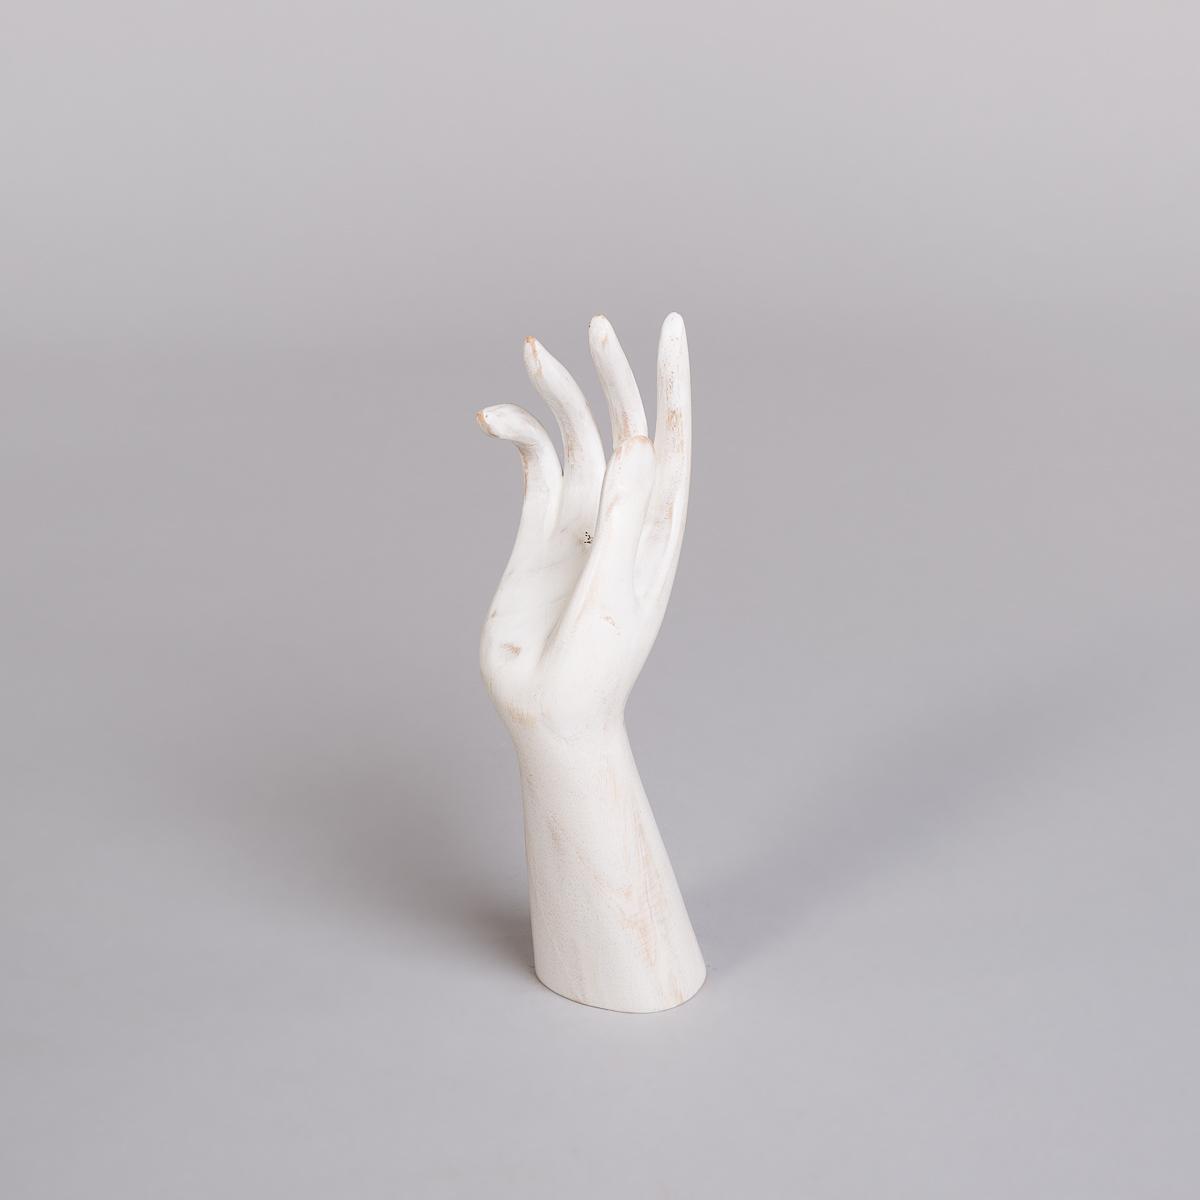 Smykkeholder Hånd i hvit - Høyde 30 cm-0